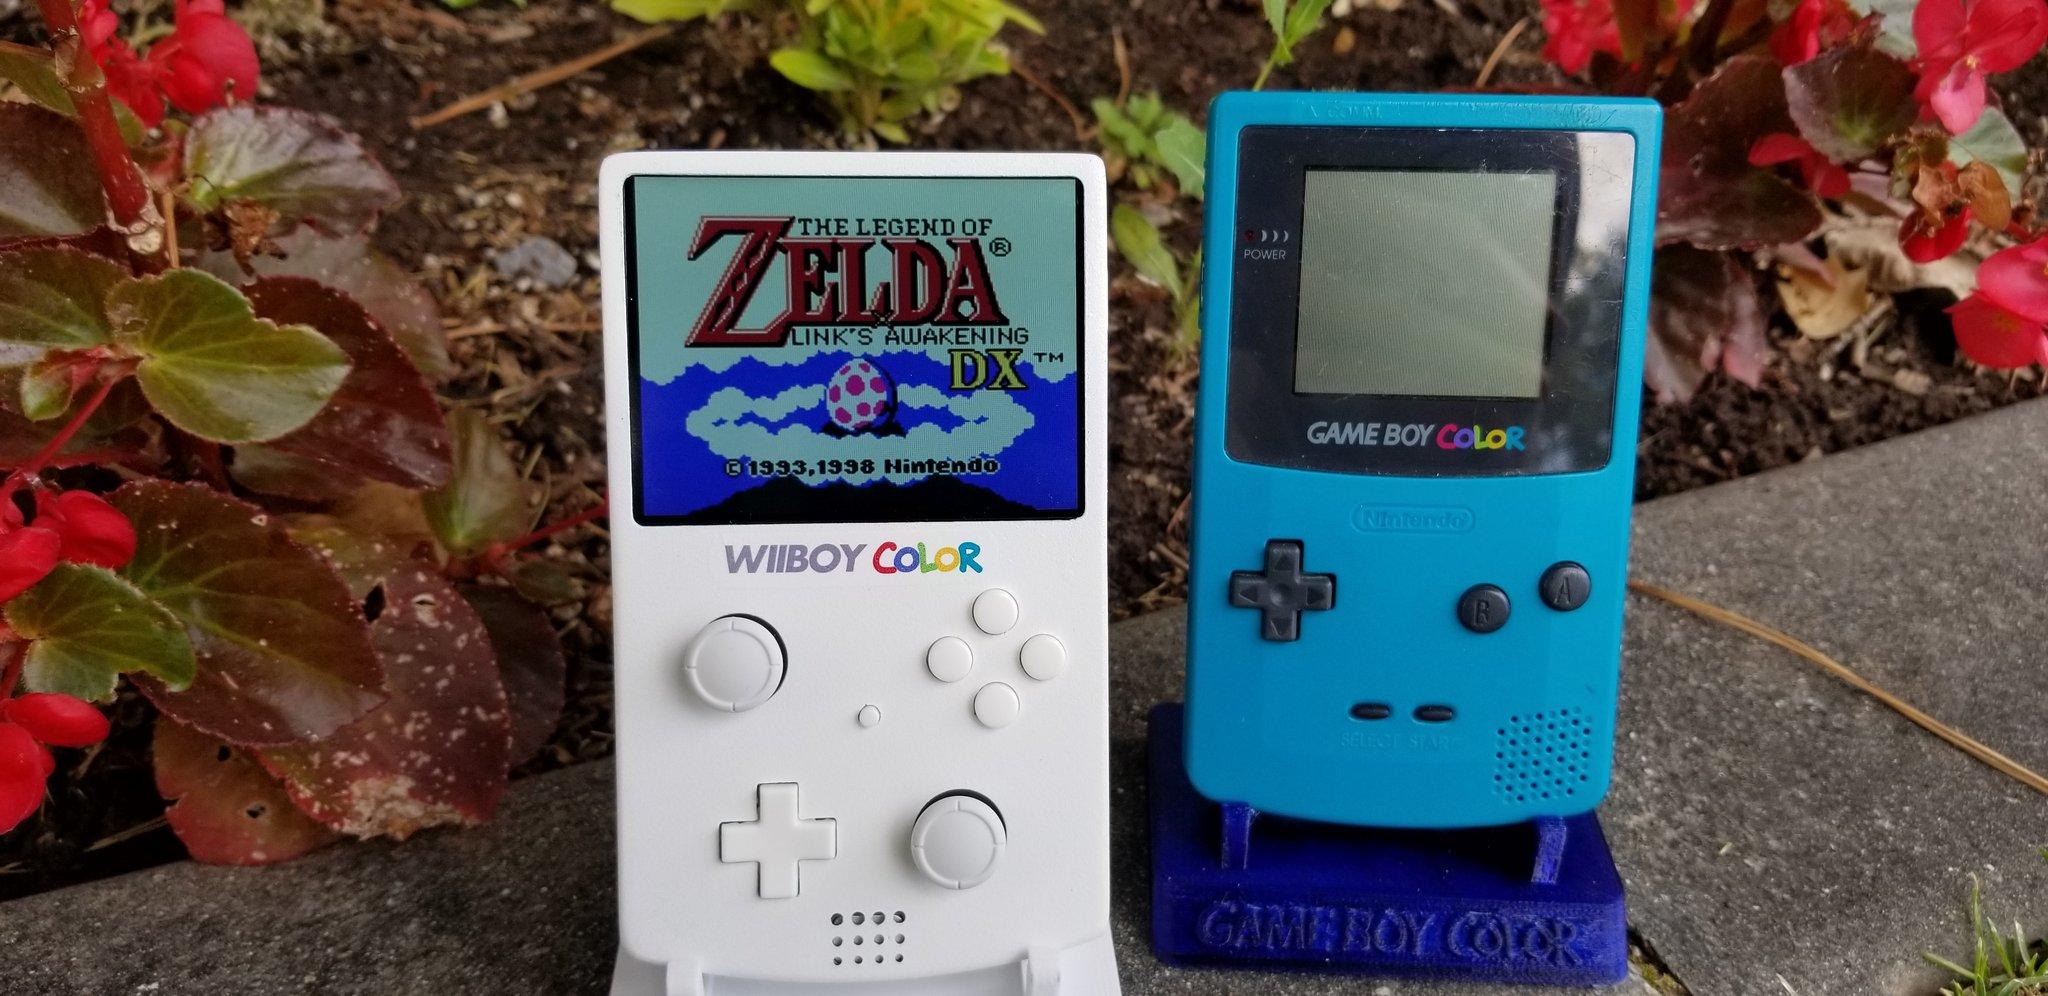 Энтузиаст собрал портативную консоль в корпусе Game Boy для запуска игр Wii